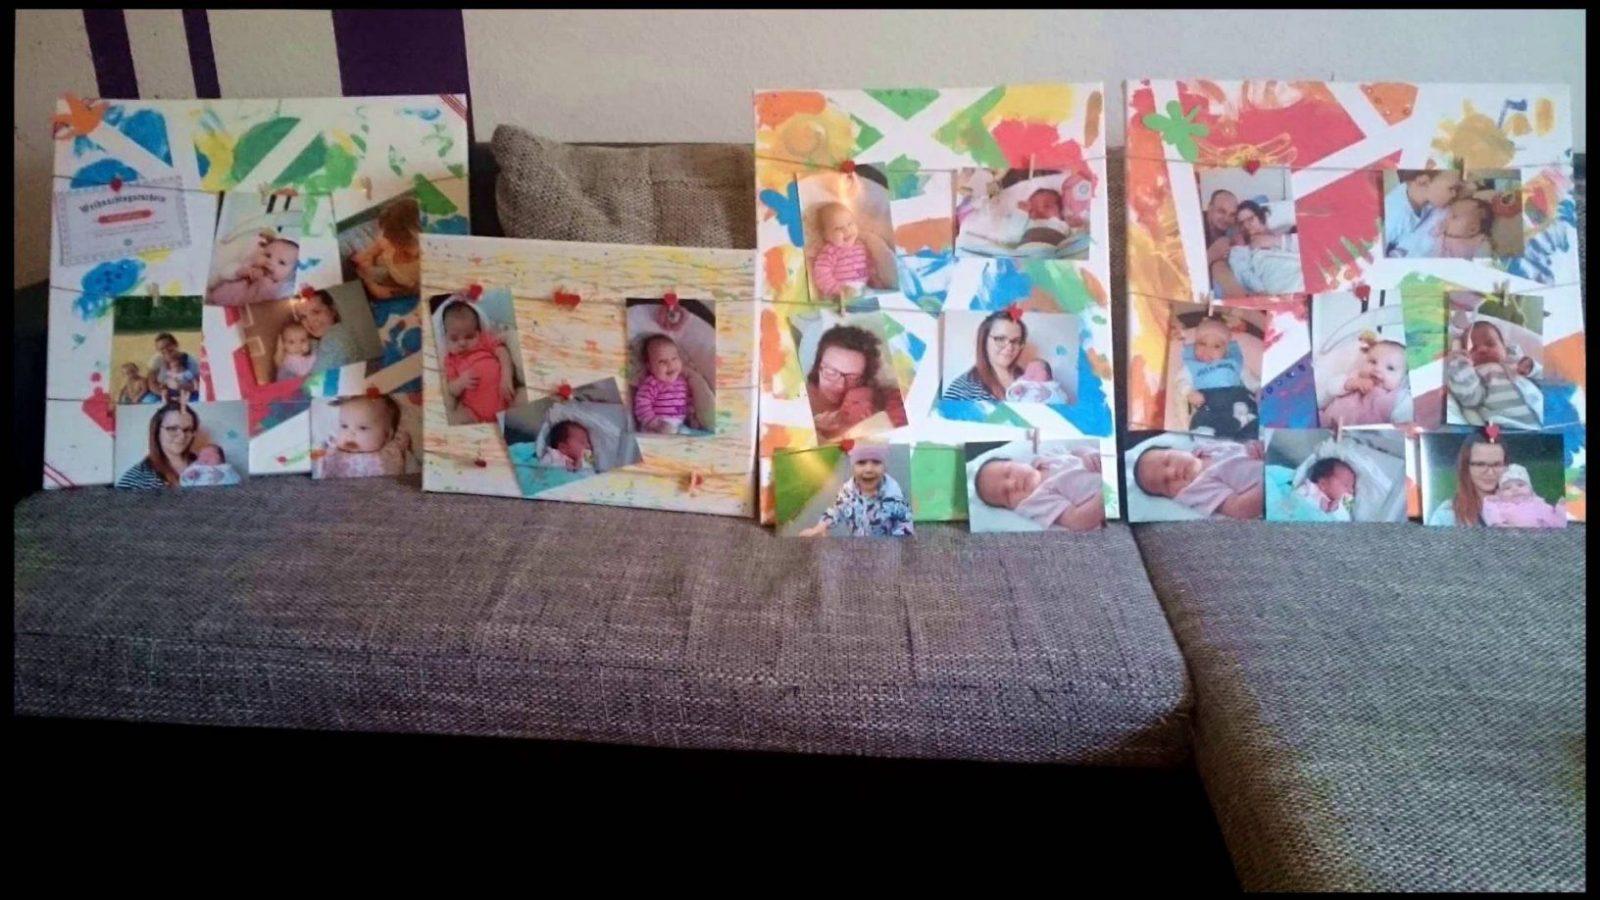 Diy  Mein Kind Malt Auf Leinwänden  Geschenkidee Taniisblog von Leinwand Mit Kindern Gestalten Bild